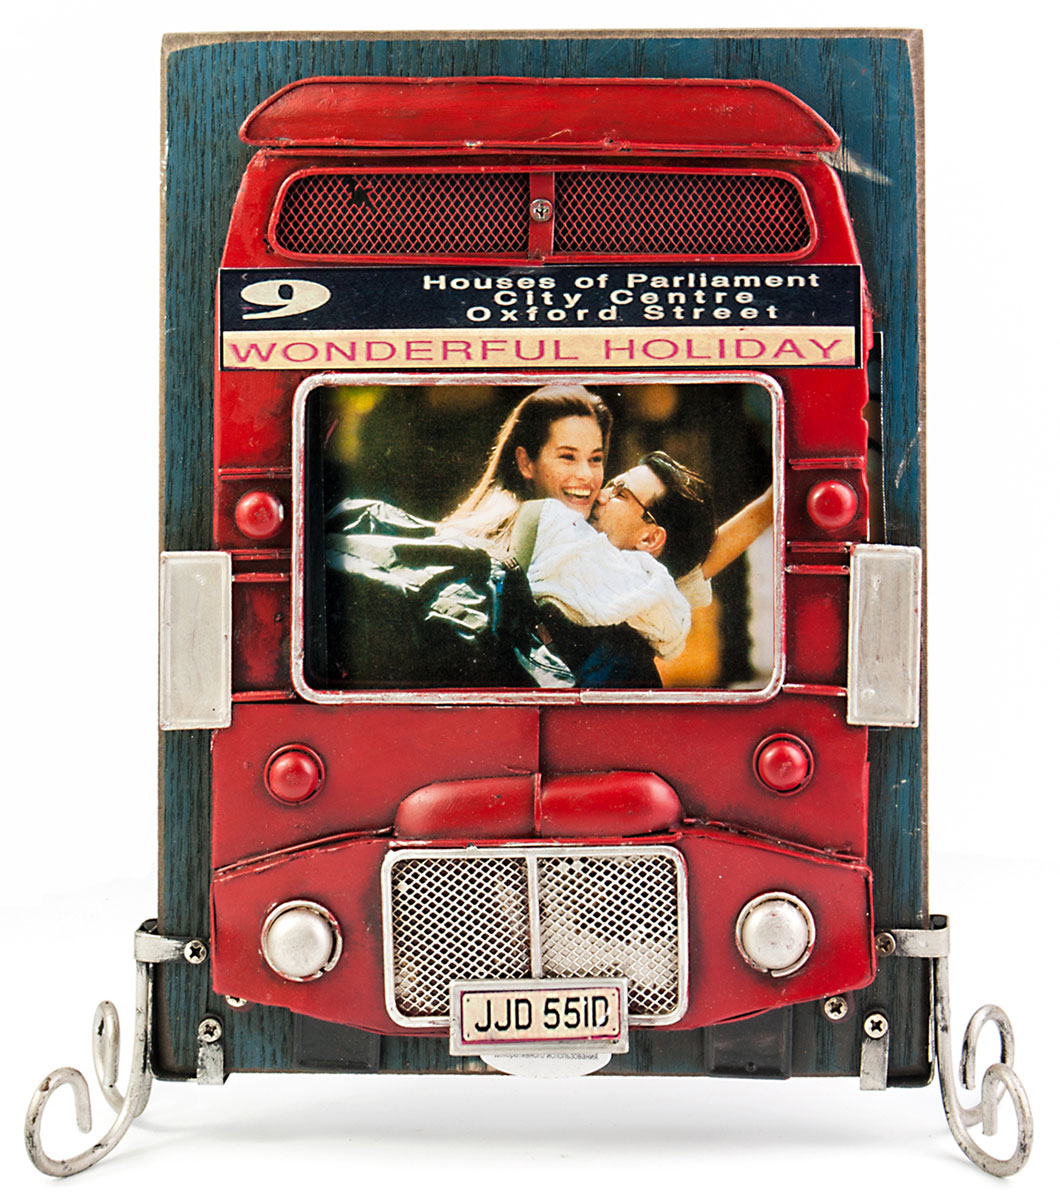 Фоторамка Platinum Лондонский автобус, двухстороняя. 1510F-3851510F-385Фоторамка Platinum Лондонский автобус, изготовленная из металла, имеет оригинальныйдизайн. Рамка выполнена в винтажном стиле и может использоваться с двух сторон. Каждая сторона оформленав виде знаменитого красного лондонского автобуса. фоторамка поможет вам оригинально и стильно дополнить интерьер помещения,а также позволит сохранить память о дорогих вам людях и интересных событияхвашей жизни. Подходит для двух фотографий размером: 9 х 12 см.